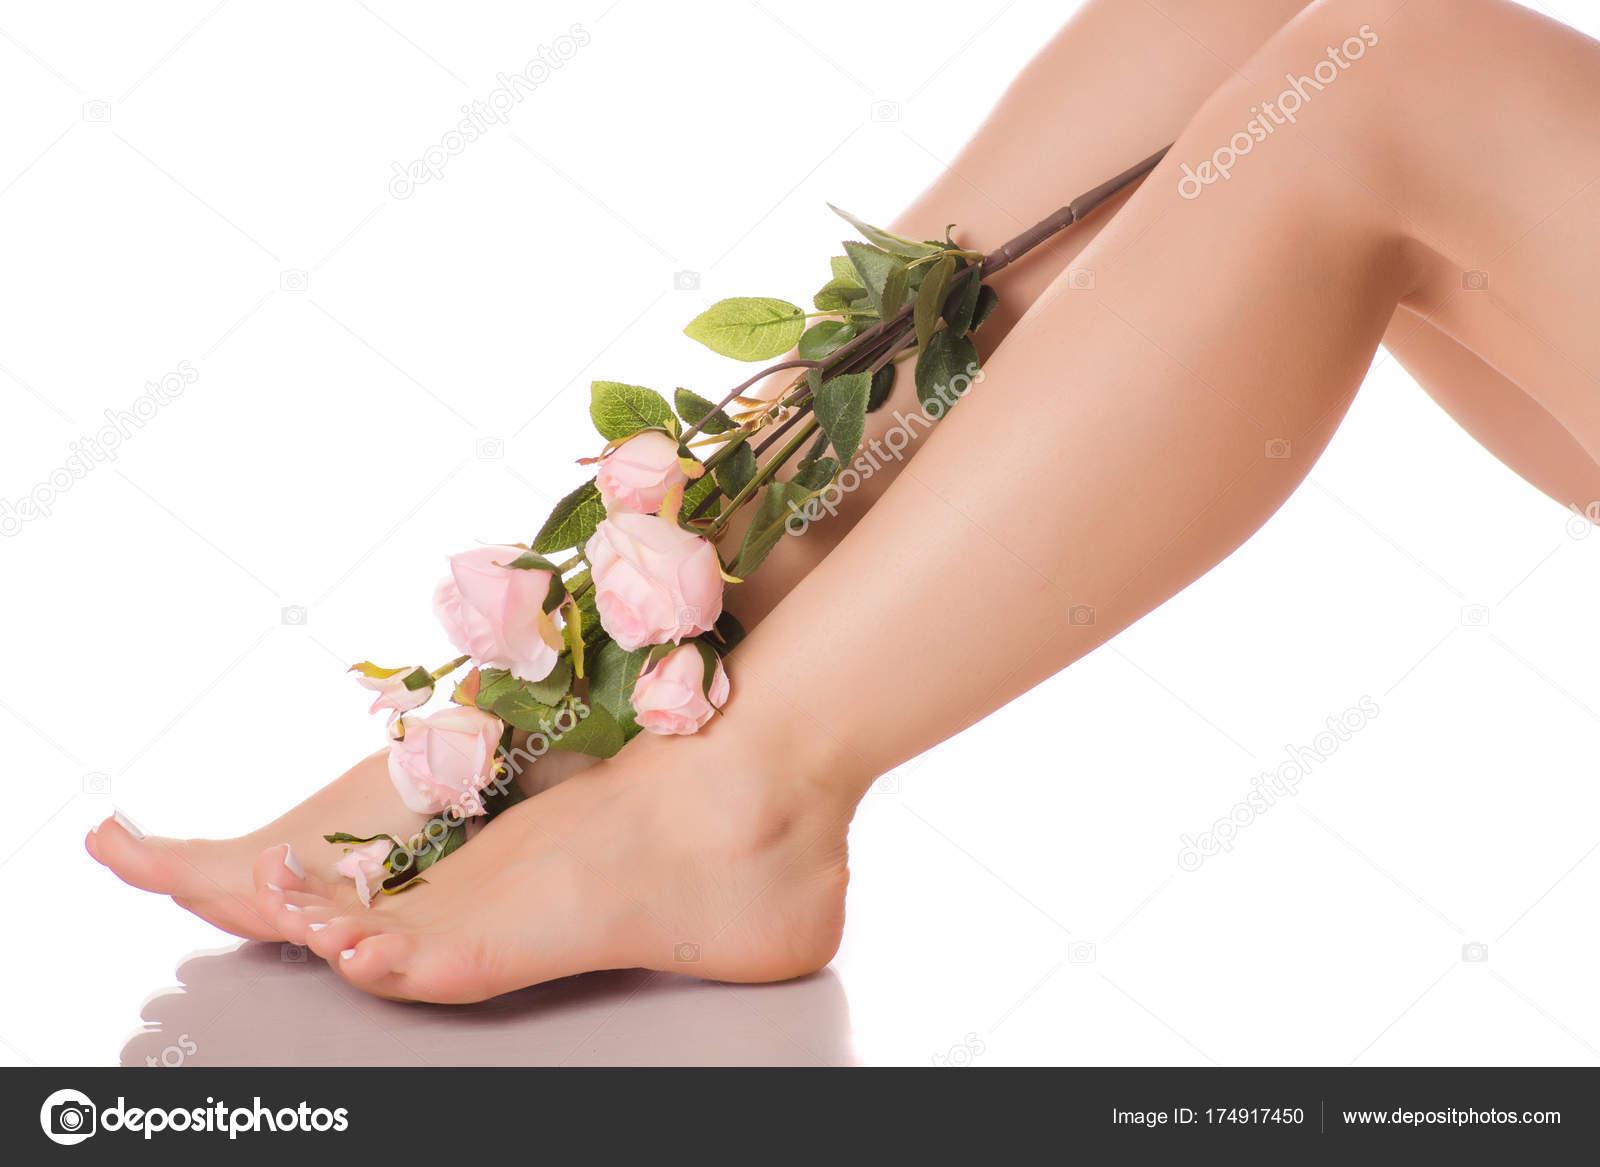 Цветы на фоне ног